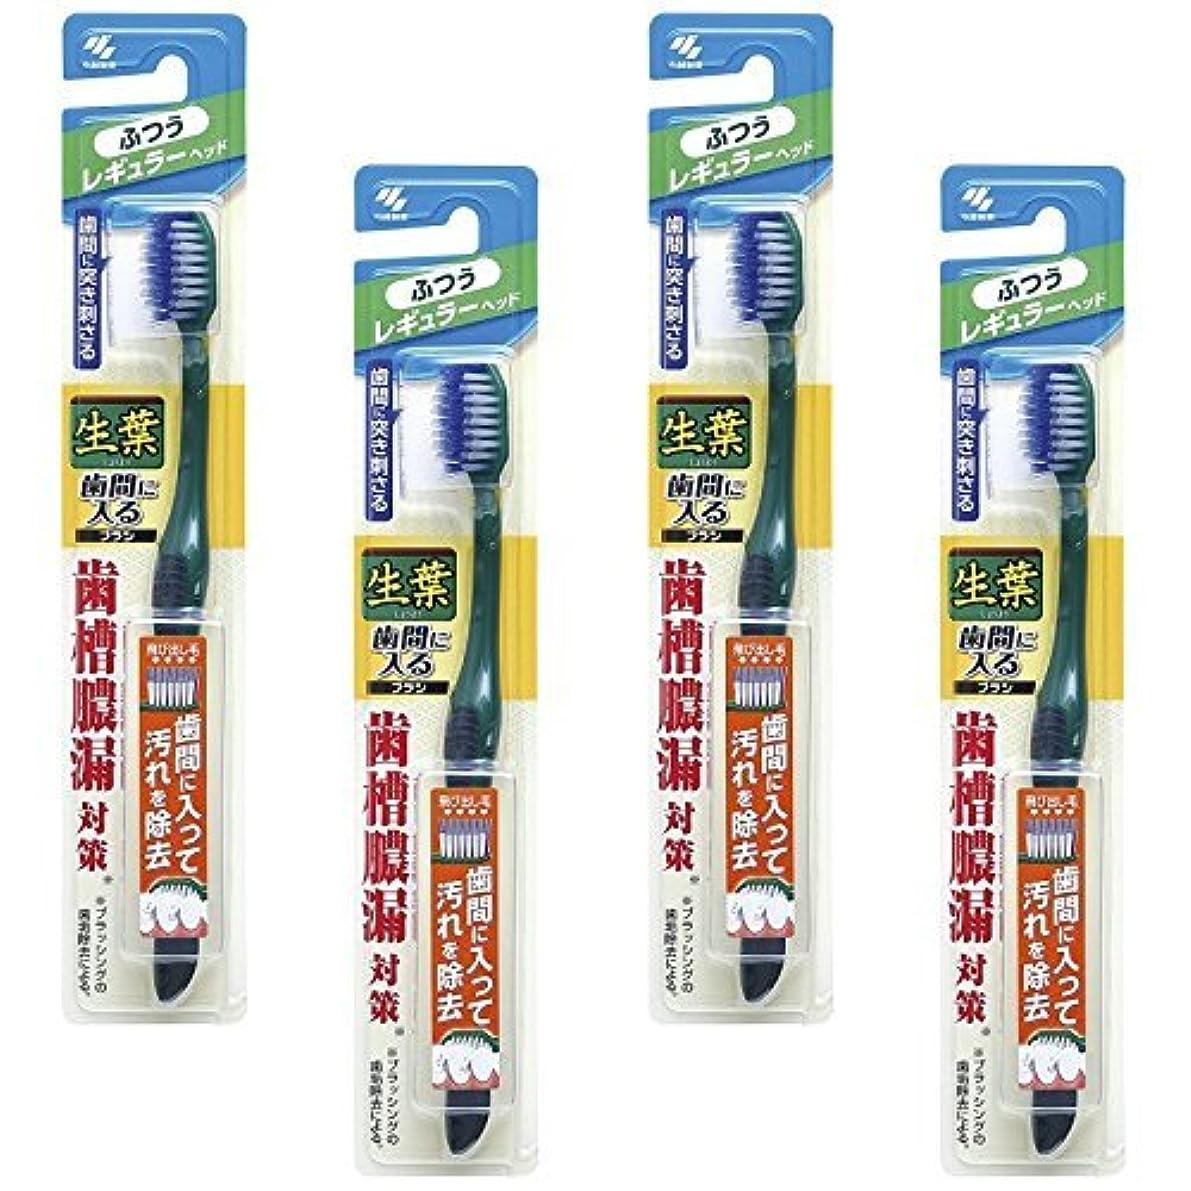 隣接拒絶するハウス【まとめ買い】生葉(しょうよう)歯間に入るブラシ 歯ブラシ レギュラー ふつう ×4個